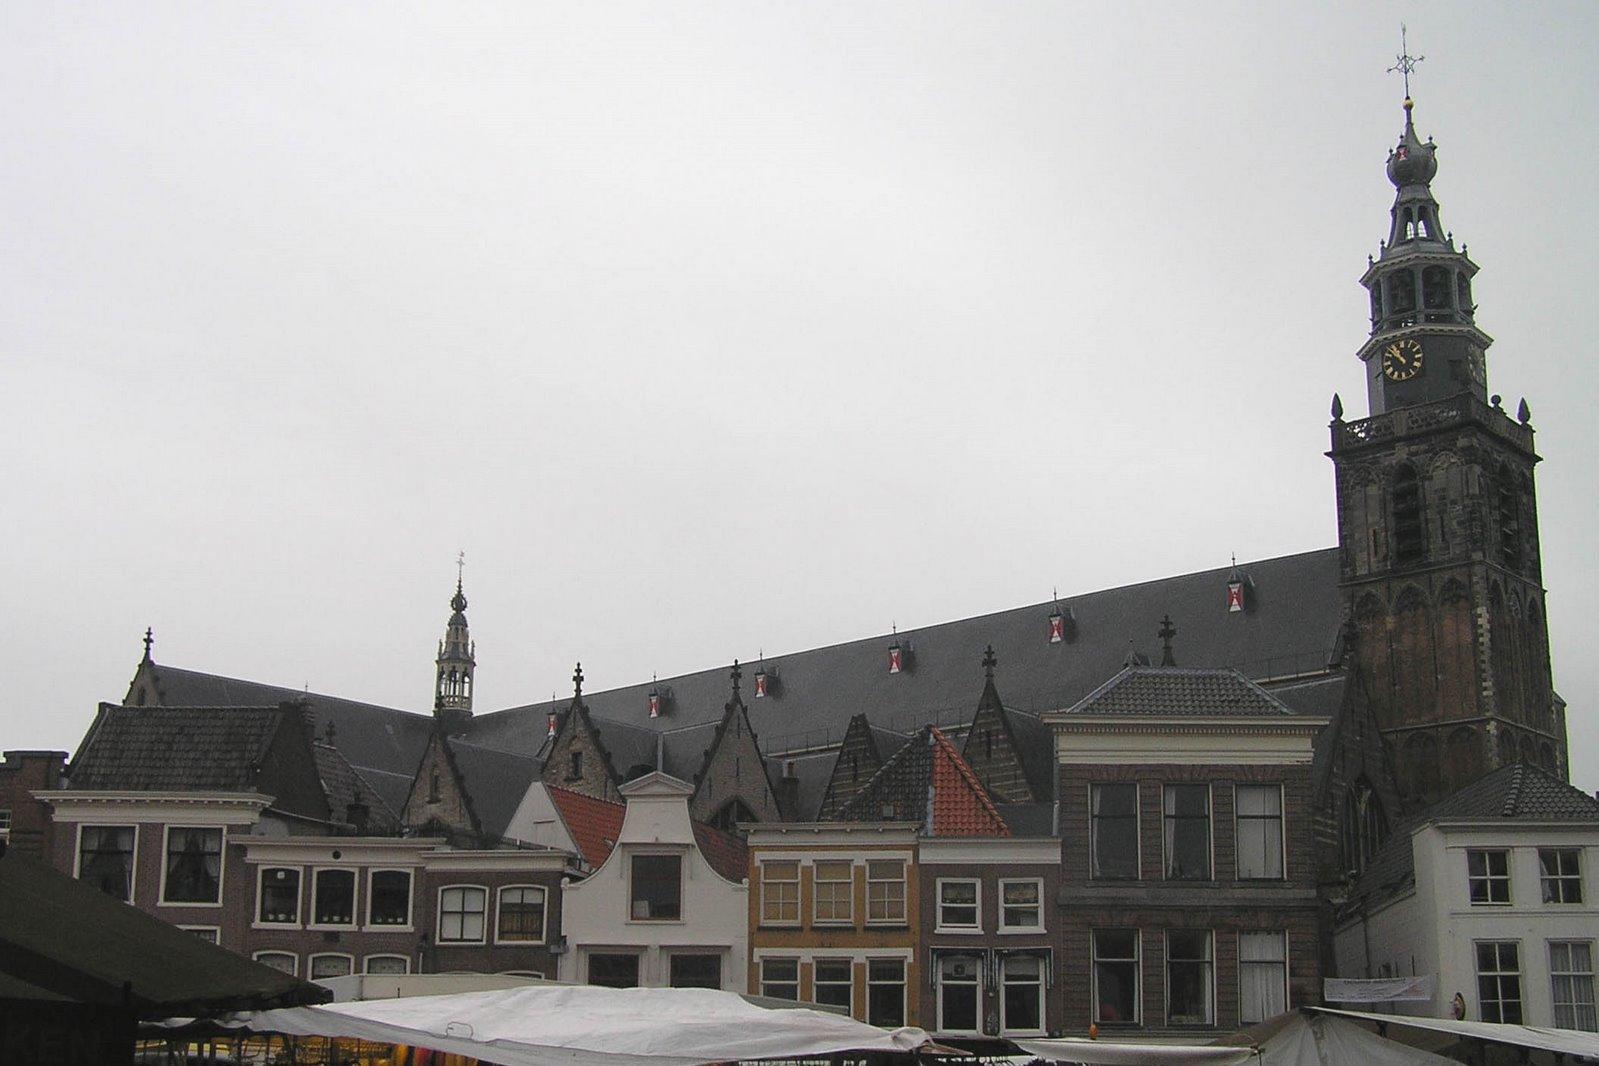 [w33-Gouda-St.+Janskerk]